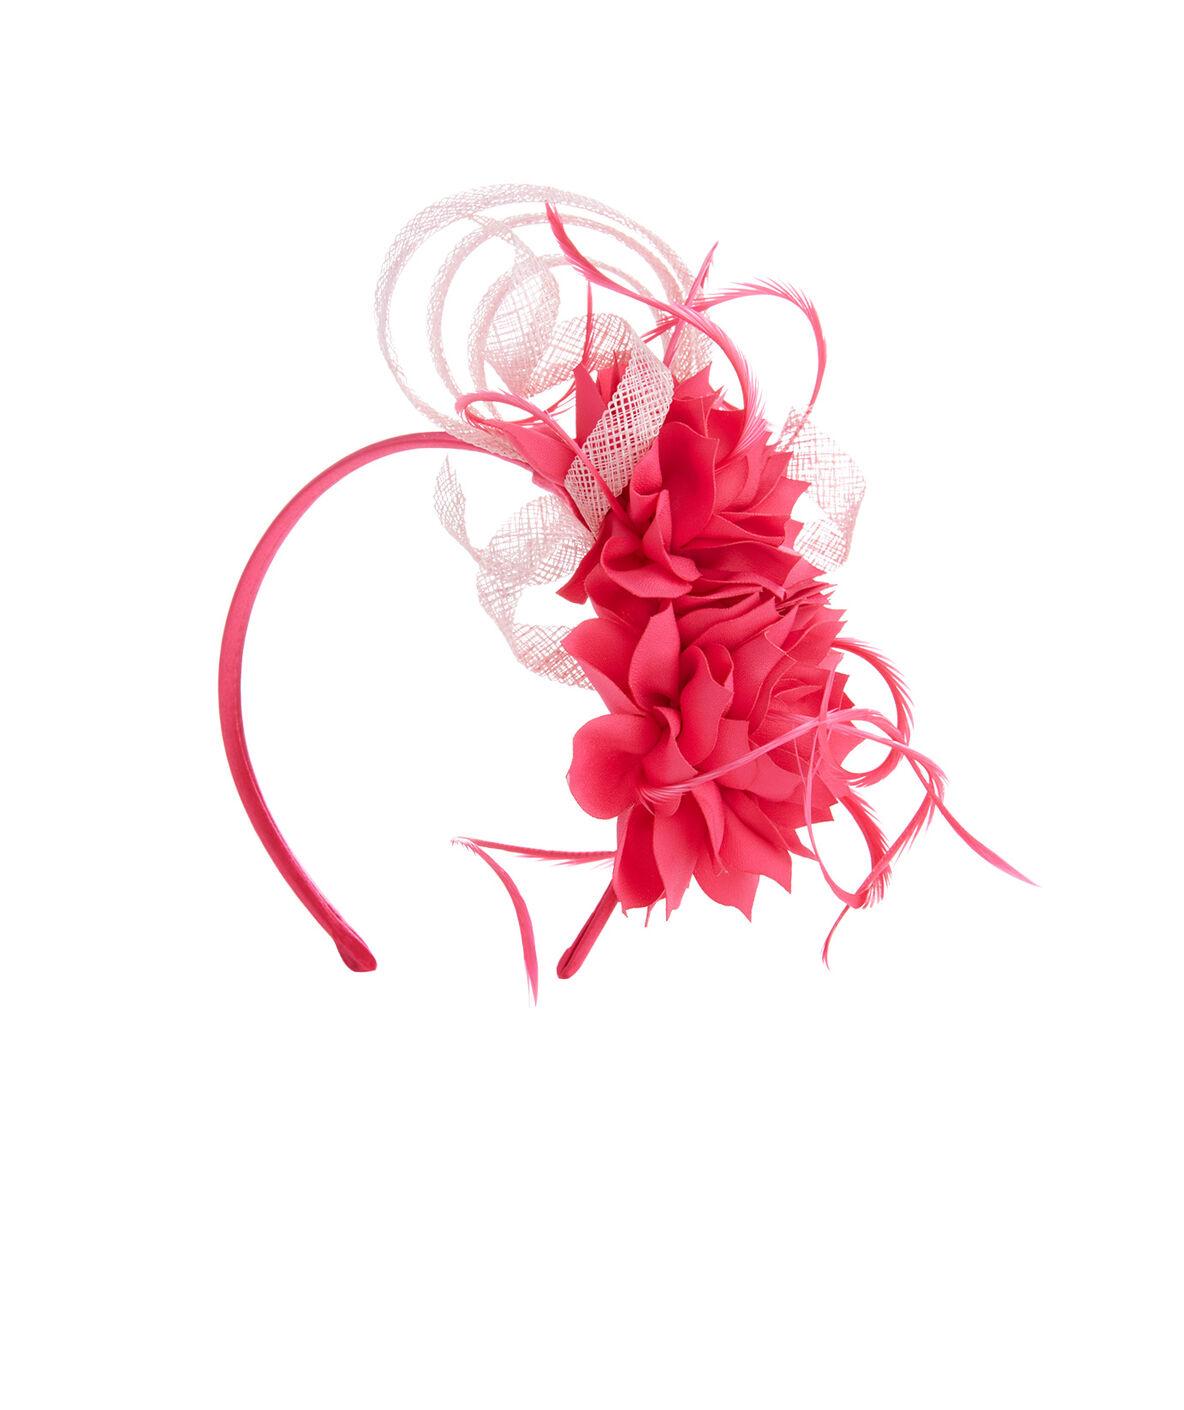 Shop Pink Floral Fascinator By Jenny Pfanenstiel At Vineyard Vines